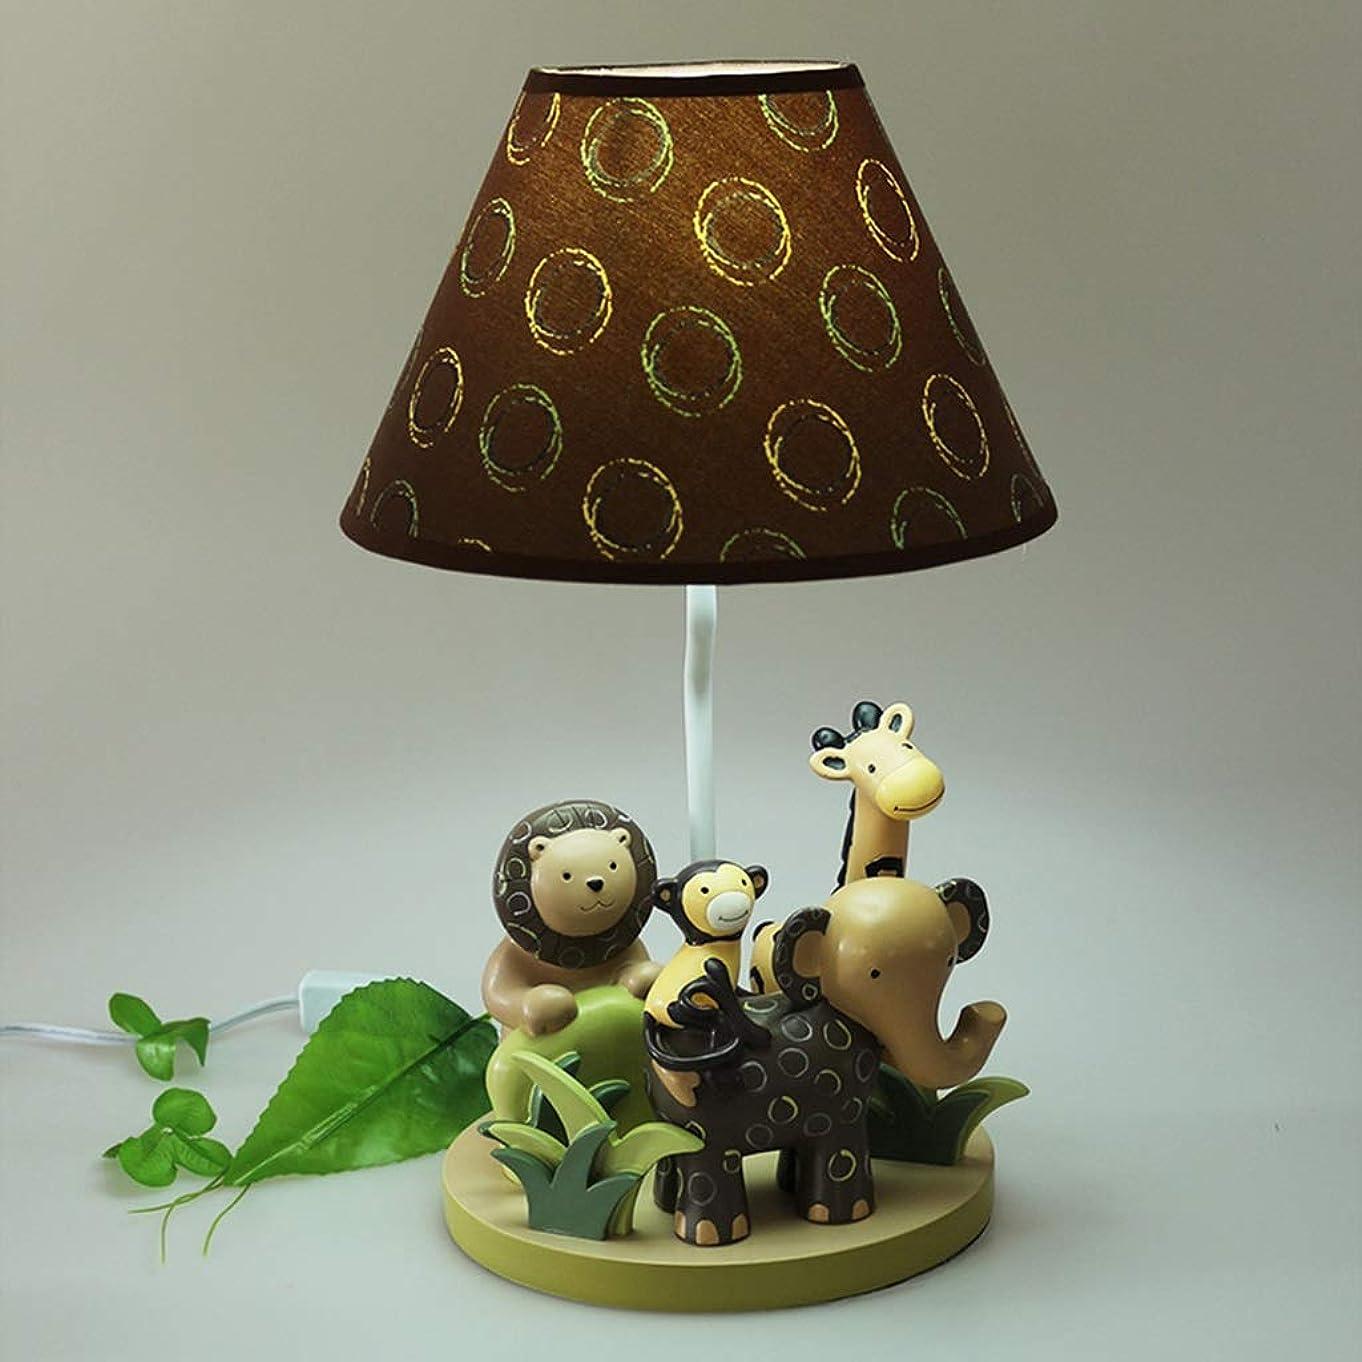 治世マーガレットミッチェルコークスRXY-101 樹脂動物象ランプ小さな男の子寝室ベッドサイドランプクリエイティブ子供部屋暖かい漫画かわいい装飾的なライト